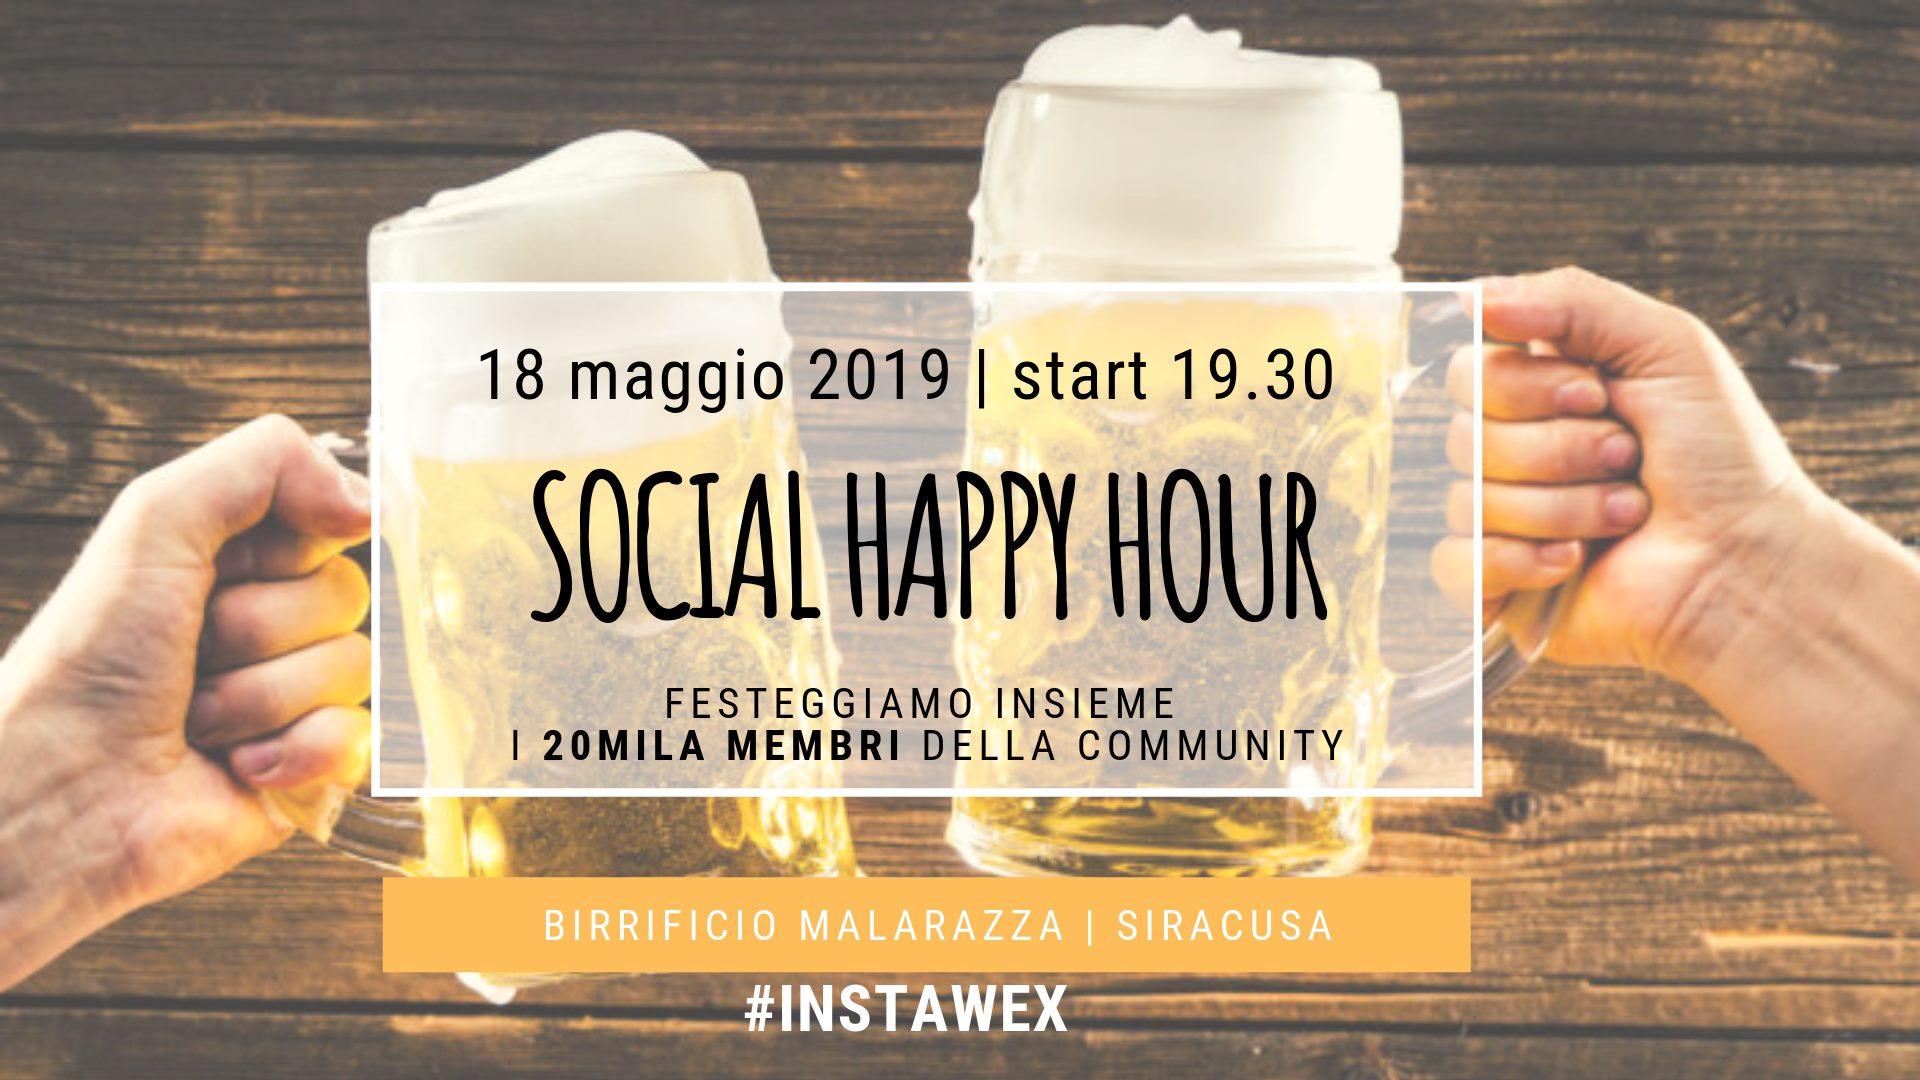 social happy hour.jpg